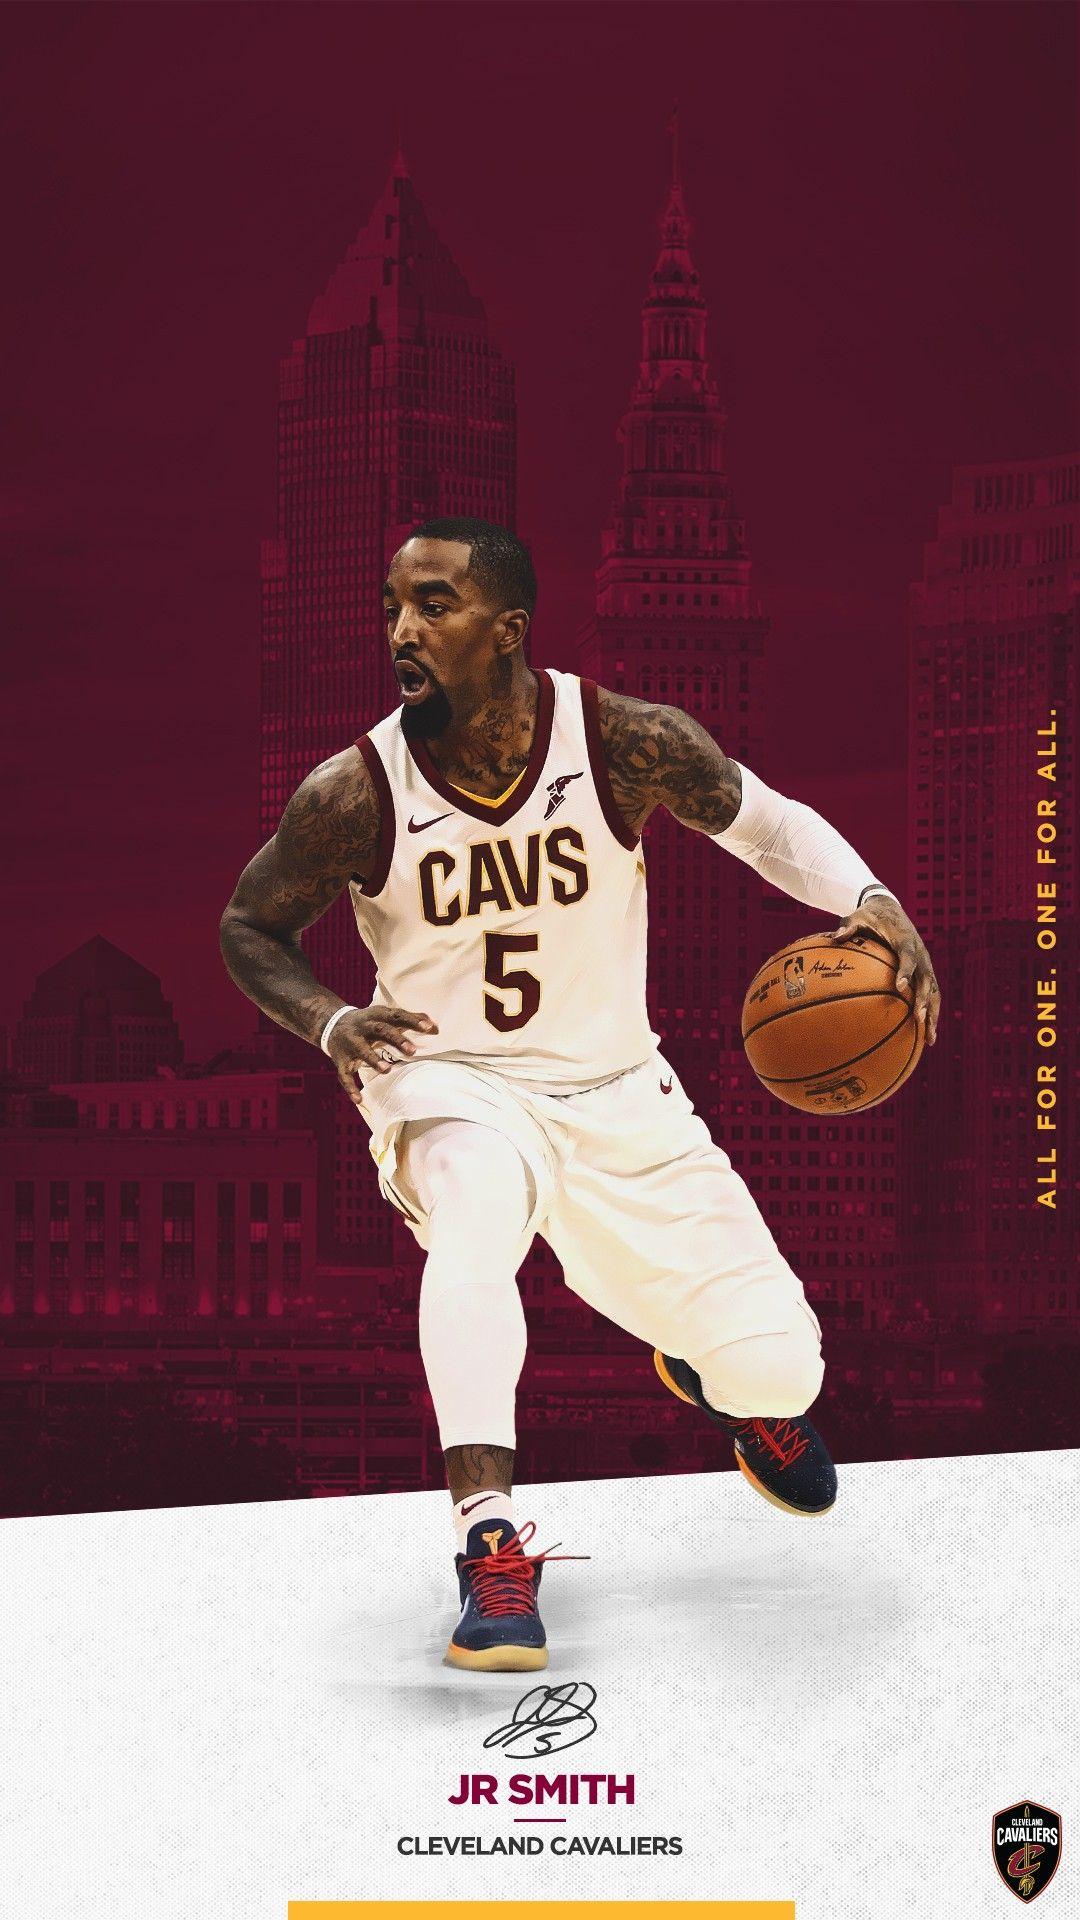 Basketball Wallpaper Best Basketball Wallpapers 2020 Basketball Wallpaper Basketball Wallpapers Hd Nba Wallpapers